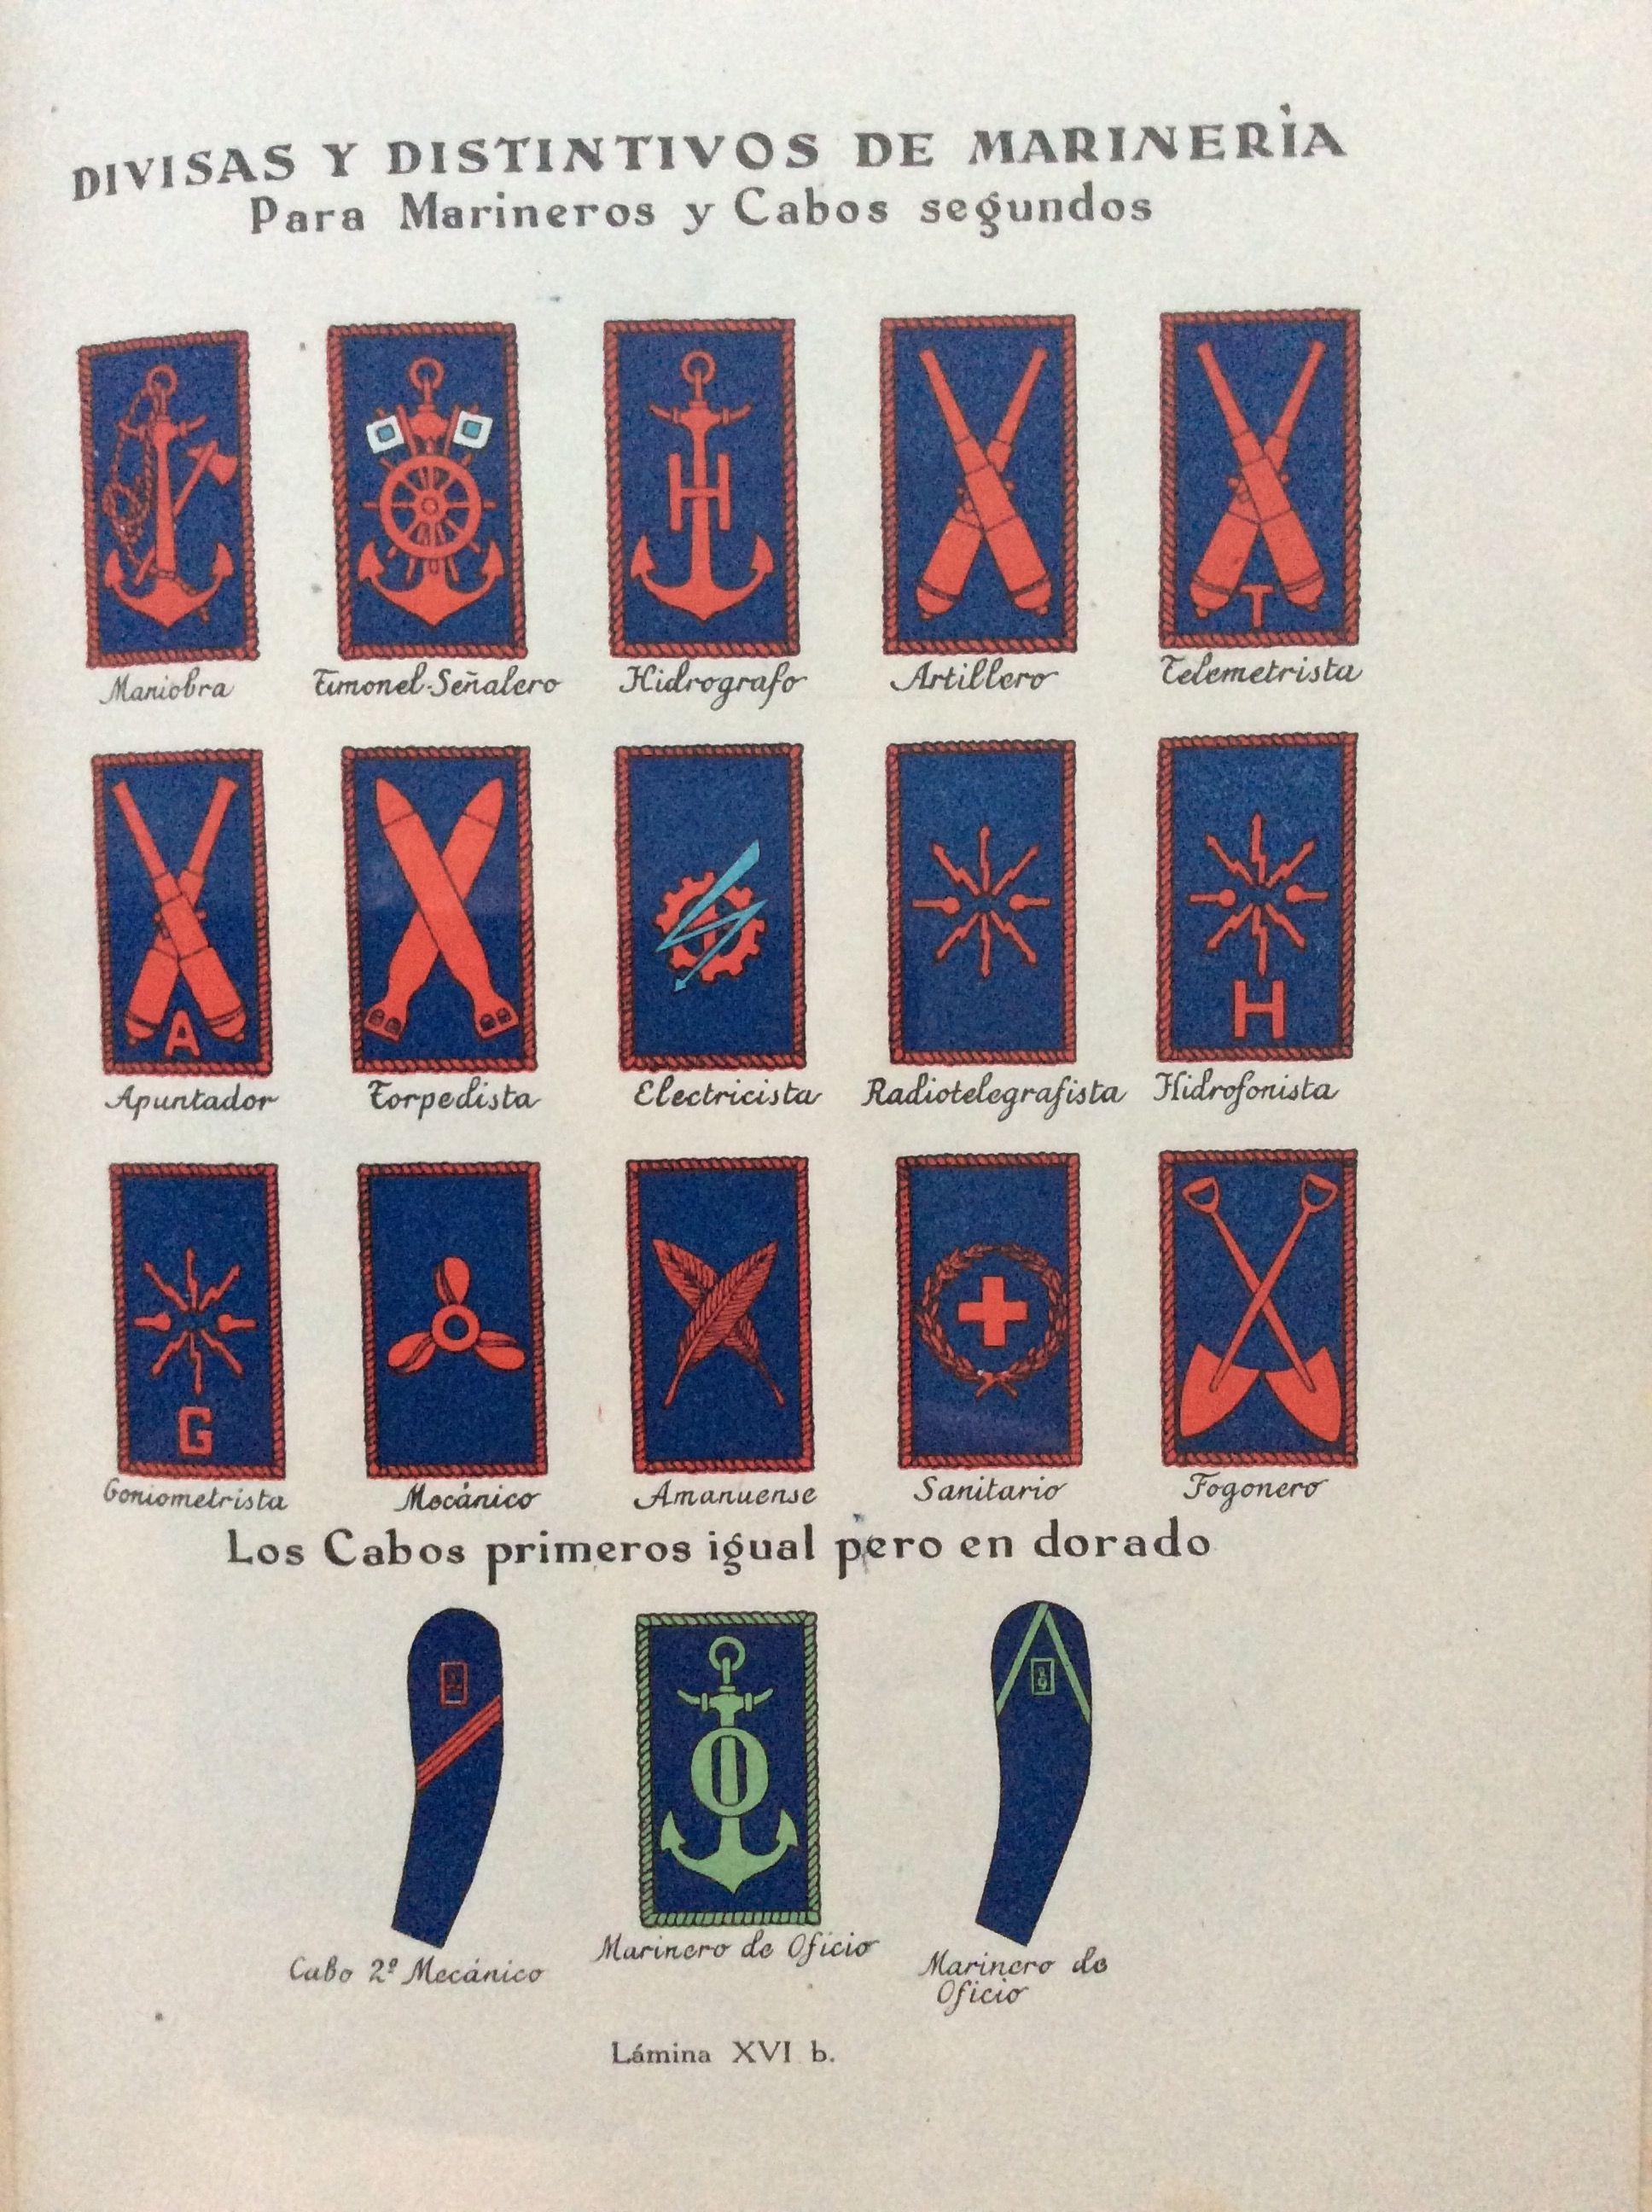 Distintivos y divisas de la Marina Española 1939-1978